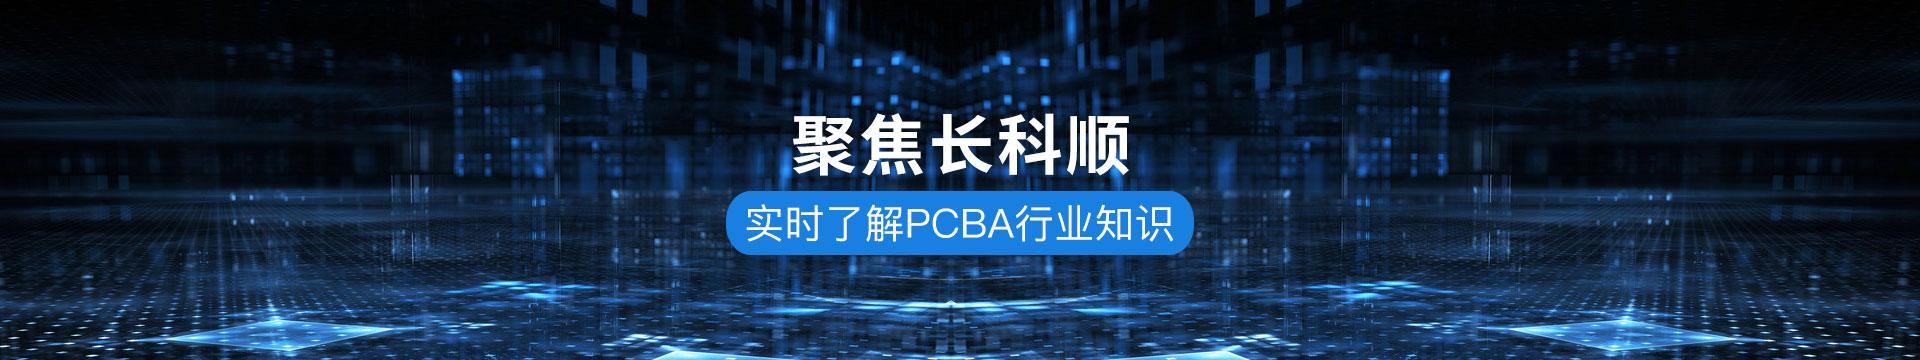 长科顺-实时了解PCBA行业知识